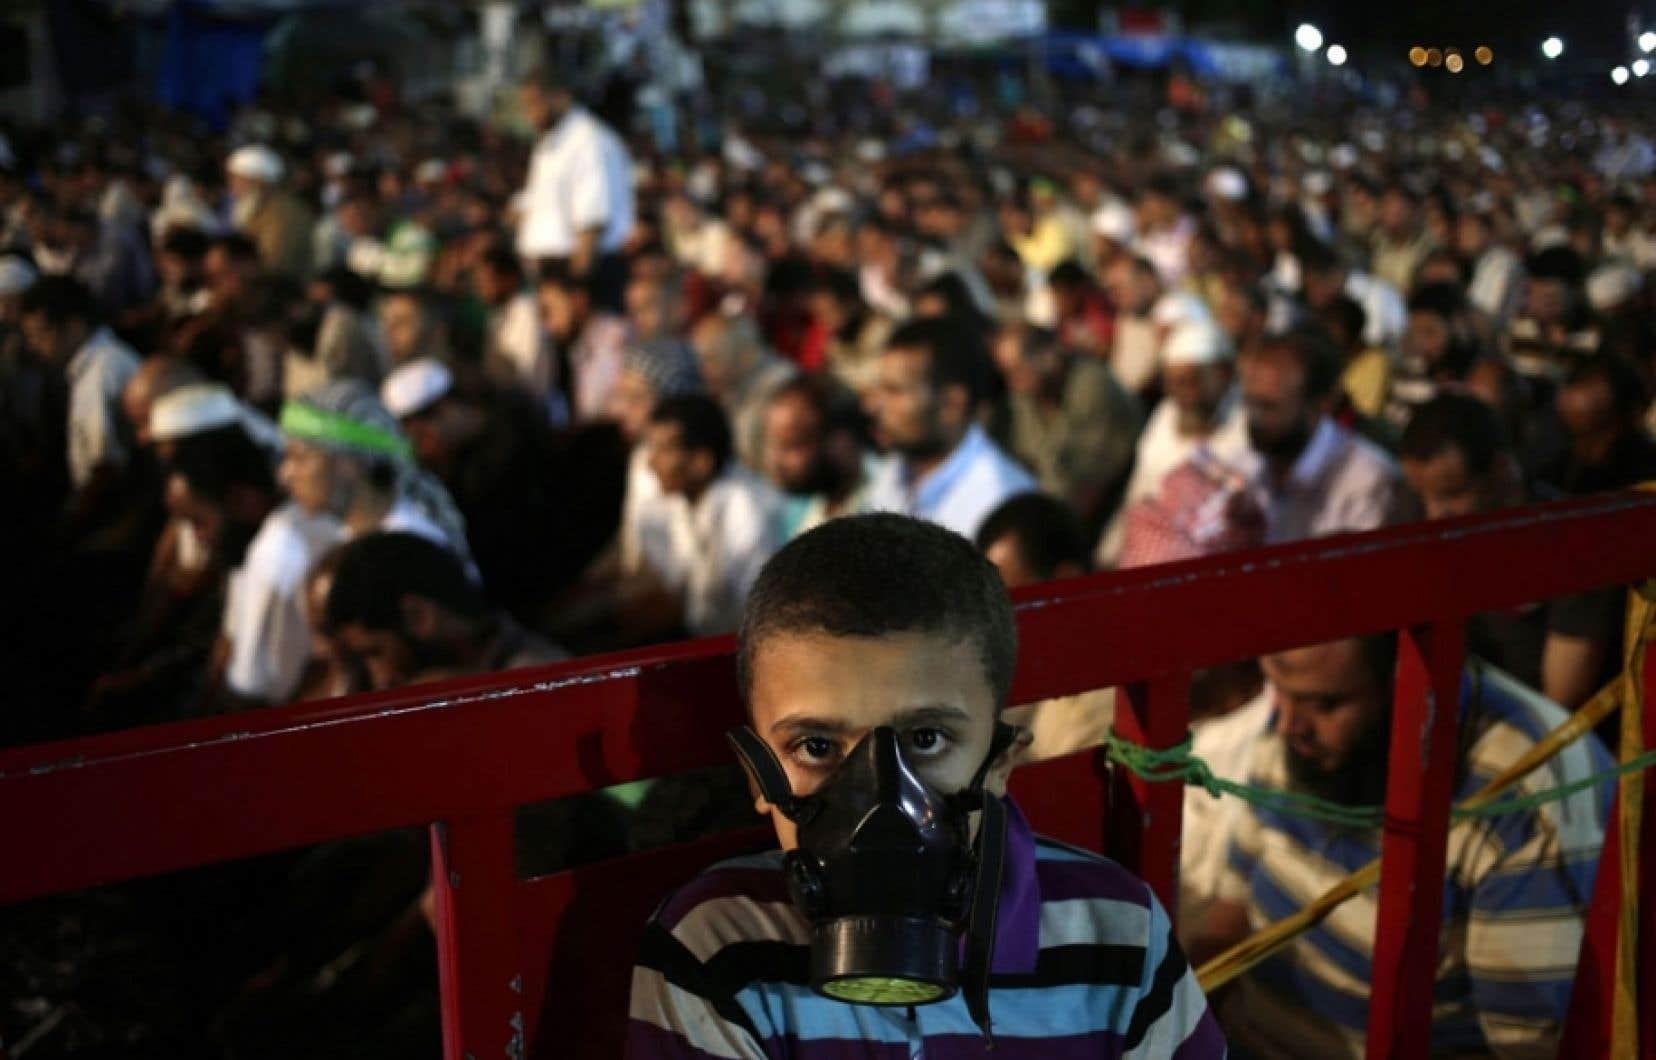 Un garçon porte un masque à gaz devant des partisans du président déchu Mohammed Morsi. Des manifestants ont installé un camp et organisent des rassemblements quotidiens, au Caire.